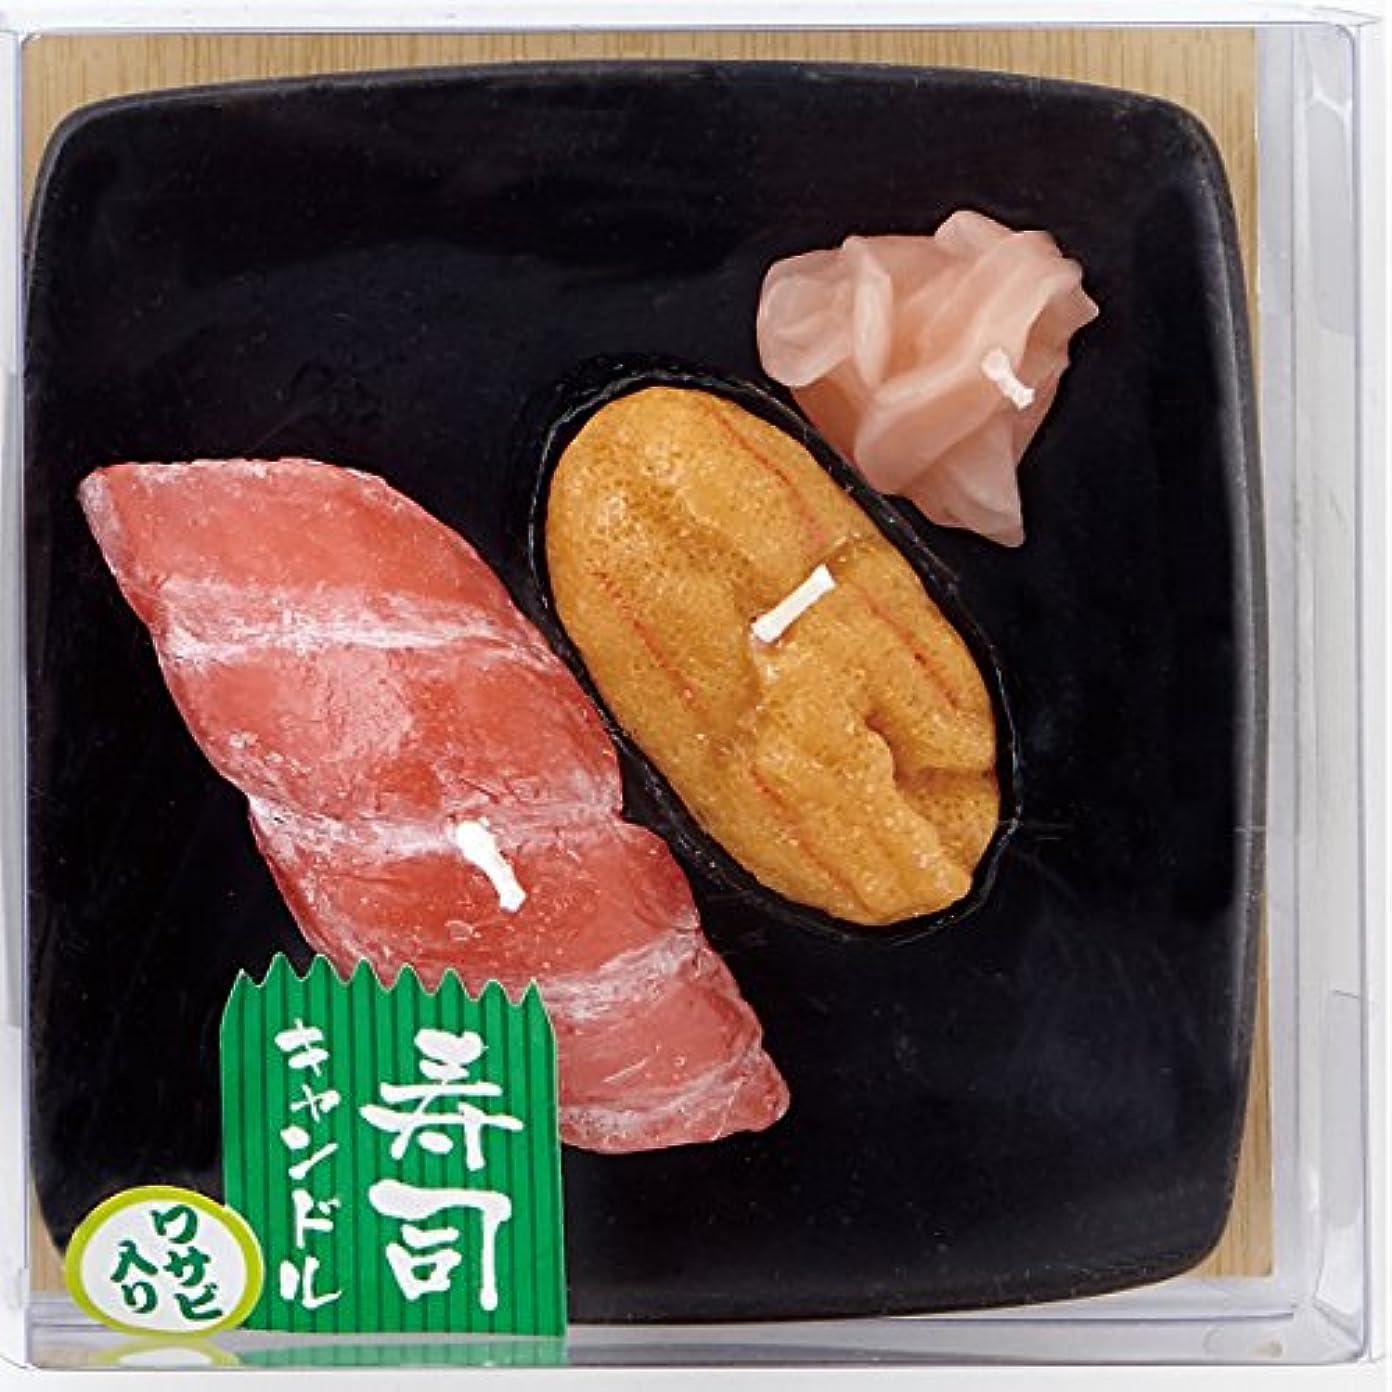 からに変化する牛肉気候の山寿司キャンドル C(ウニ?大トロ) サビ入